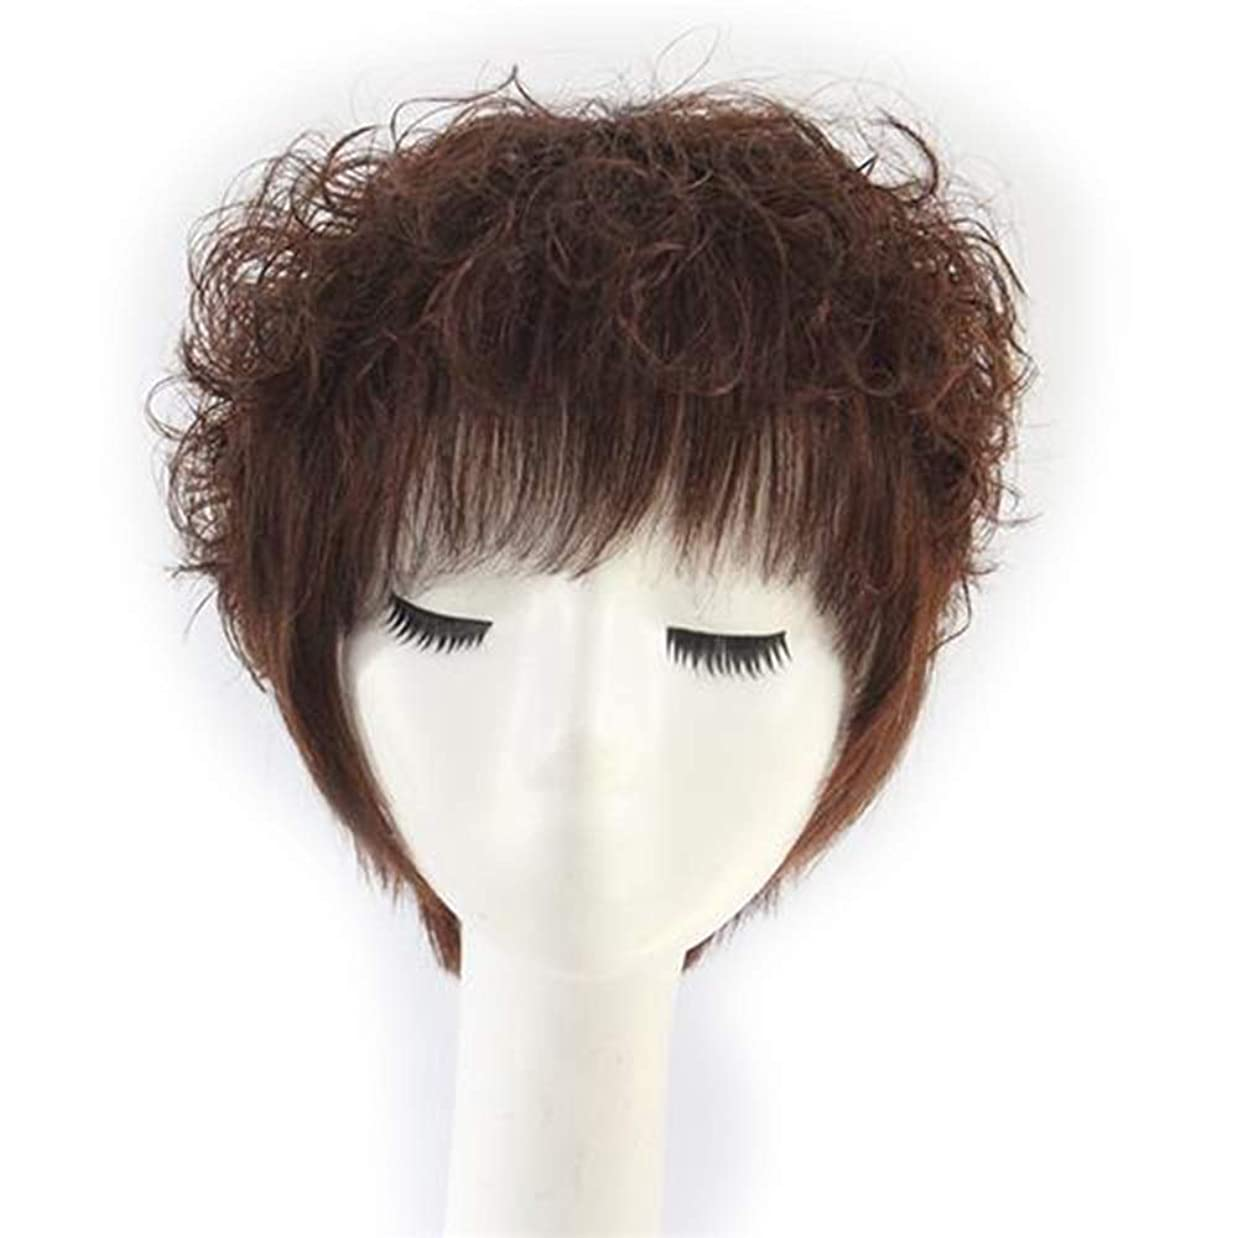 苦情文句噴火世紀BOBIDYEE 本物の人間の髪の毛の女性短い巻き毛の耐熱フルかつら中年のかつらファッションかつら (色 : Dark brown)